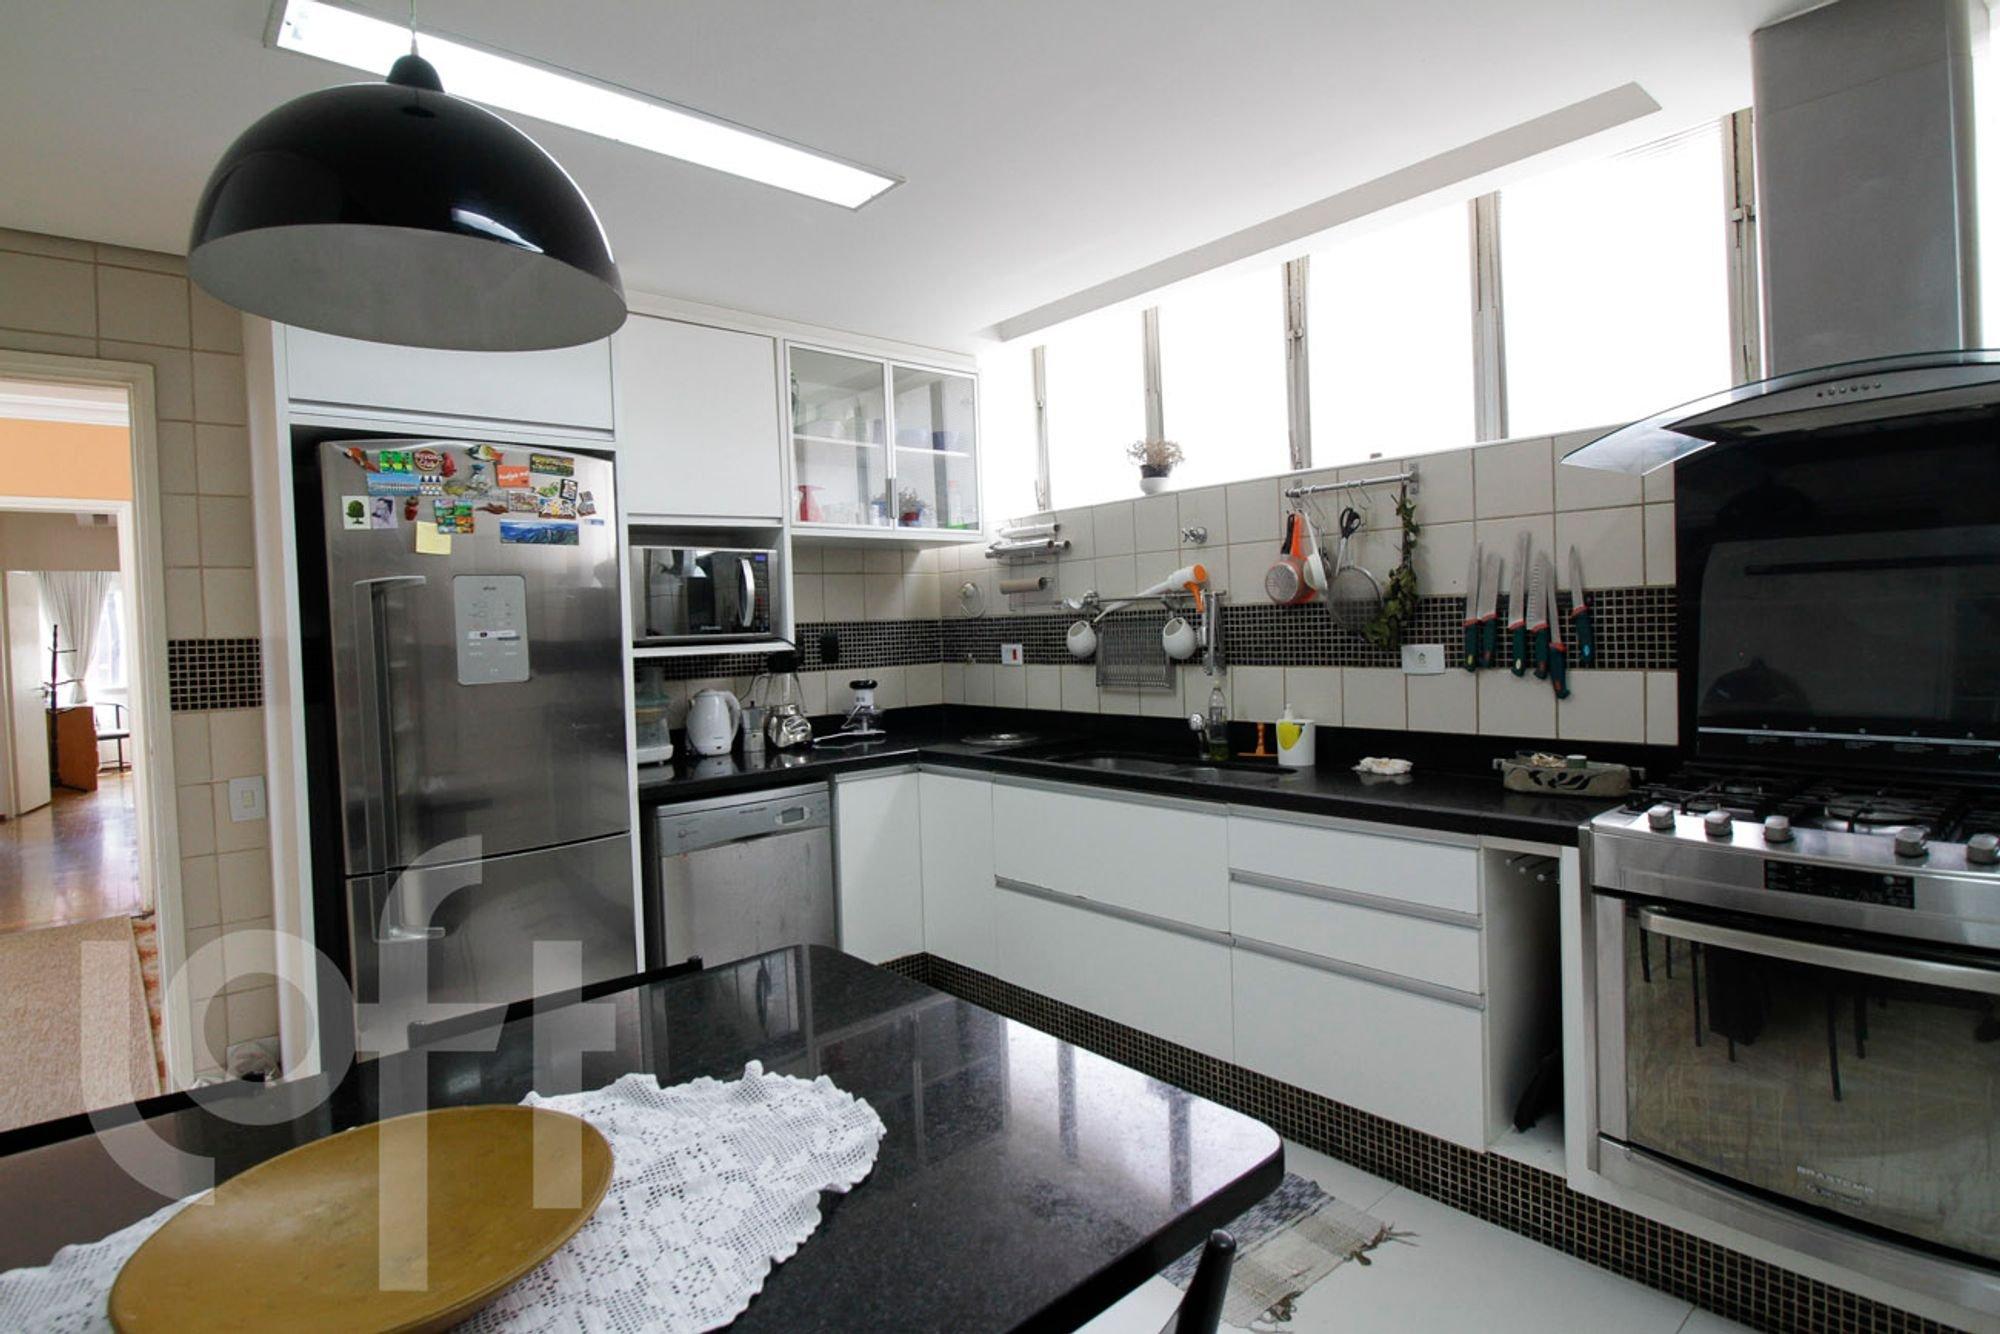 Foto de Cozinha com faca, forno, geladeira, pia, microondas